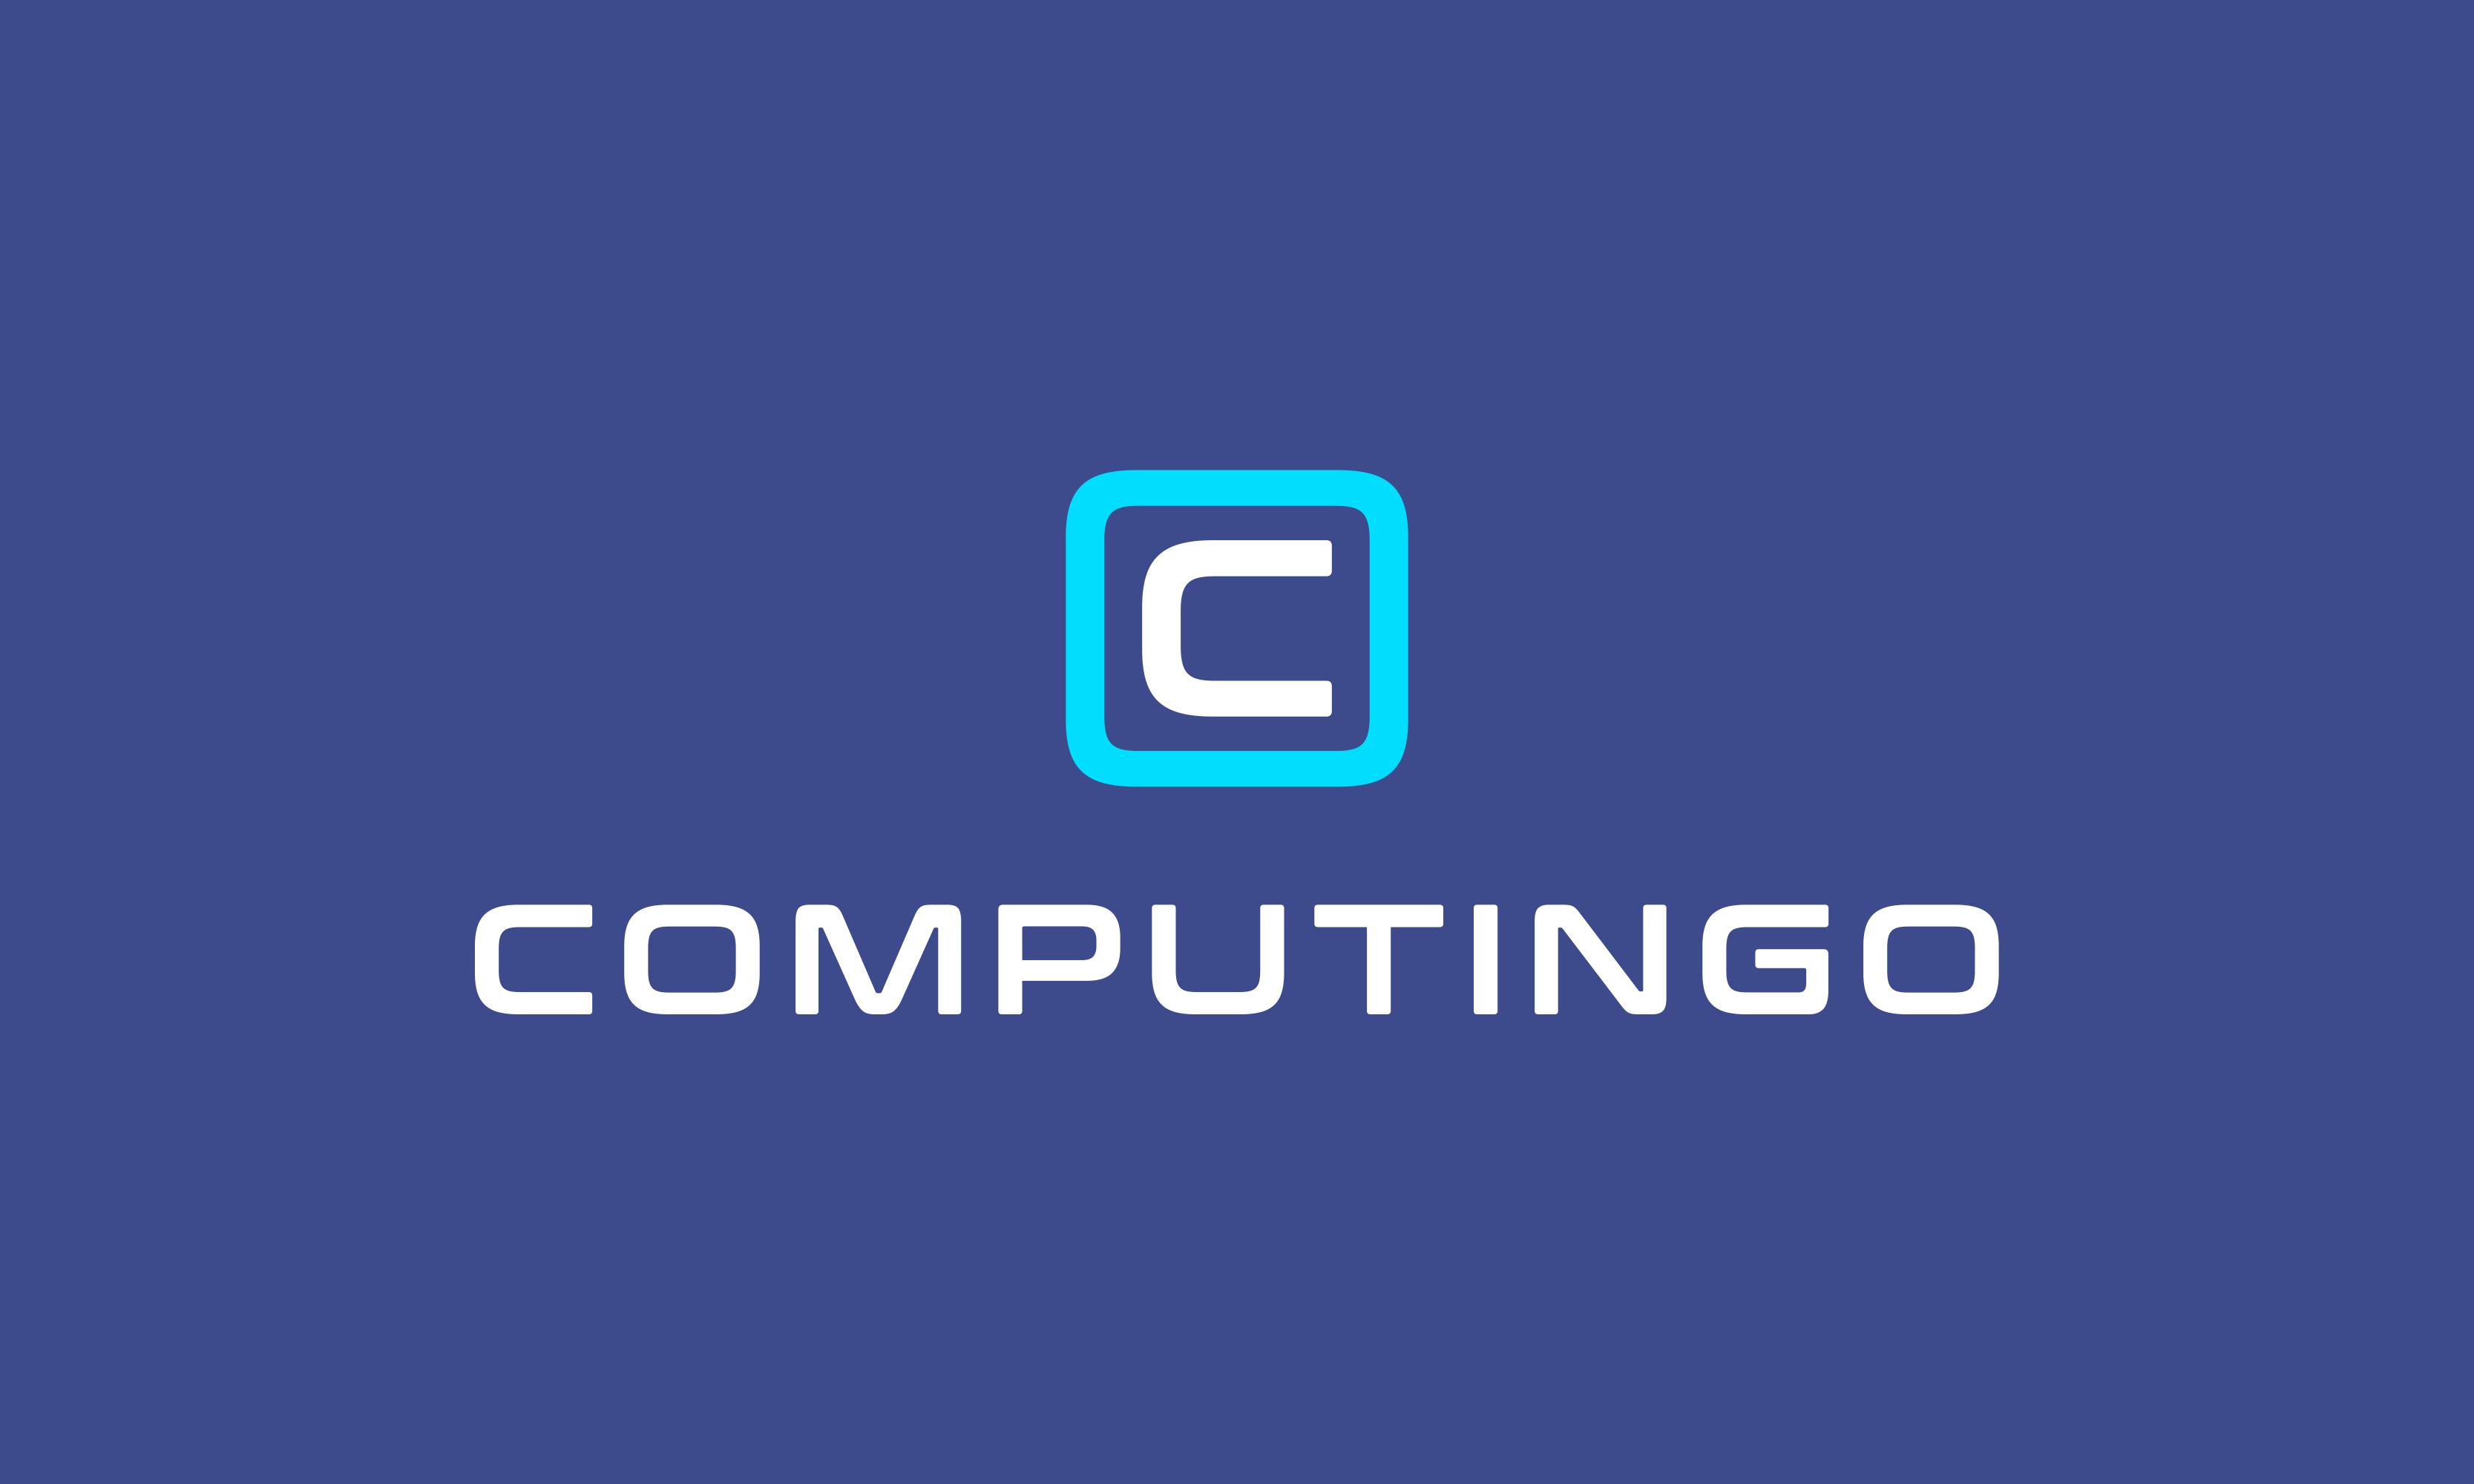 Computingo